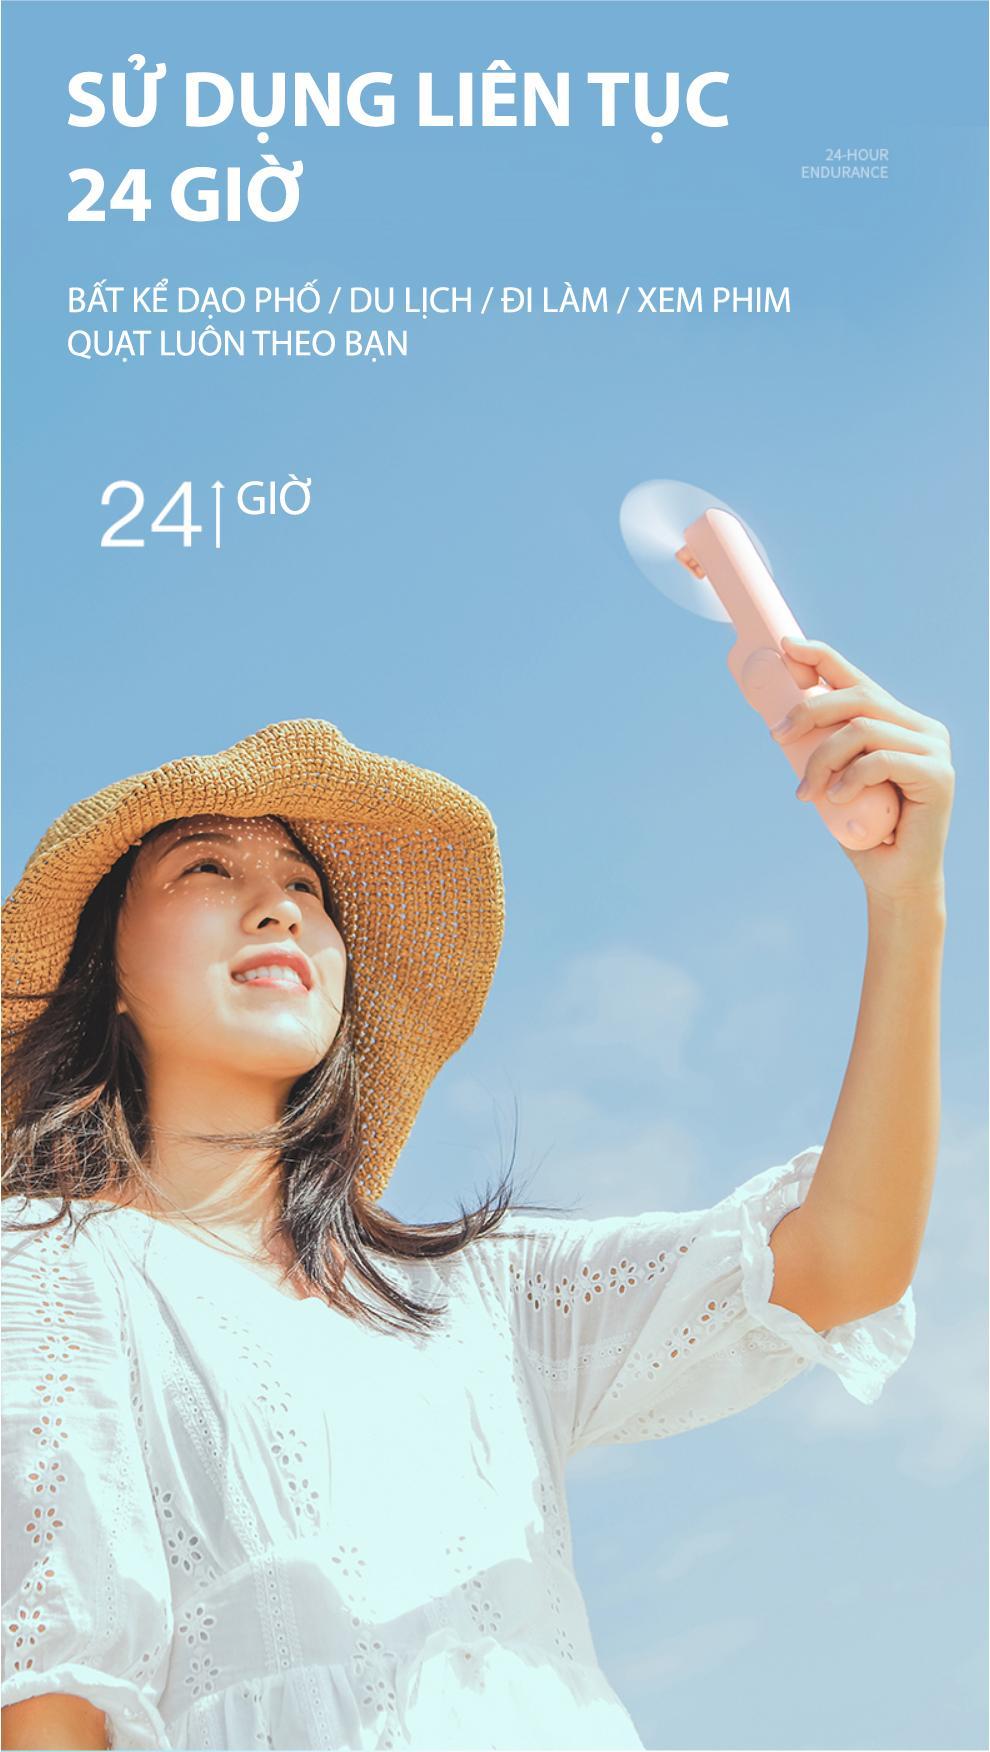 f9cf92d319c1a21930d5ec19d46053f4 - Xiaomi Bear Mini Fan cao thủ về pin trong làng quạt cầm tay